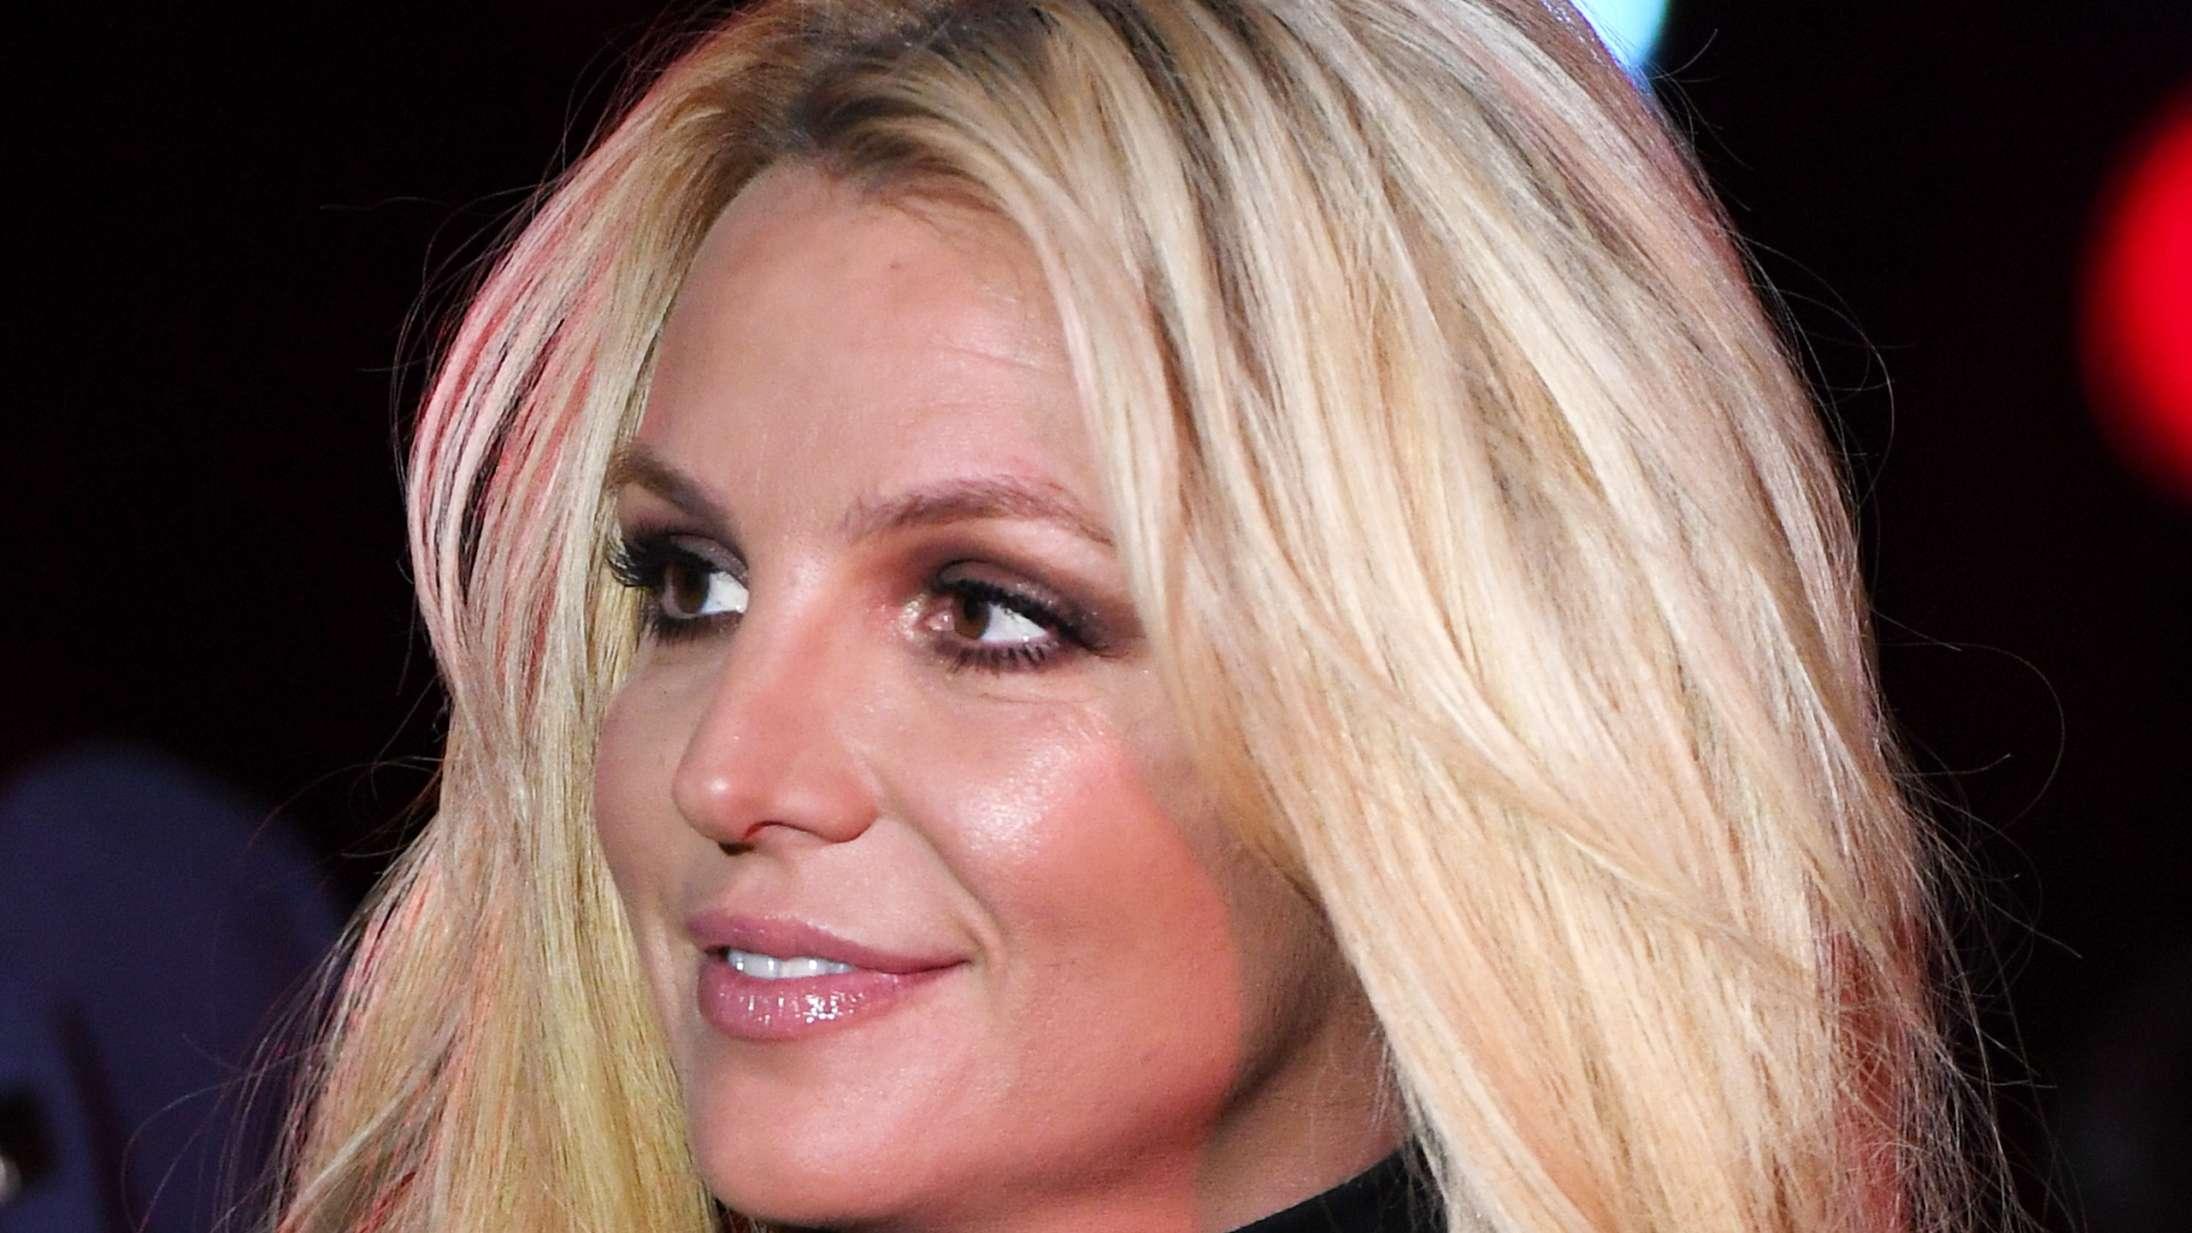 »Jeg græder hver dag«: 10 hjerteskærende udsagn fra Britney Spears' tale i retten